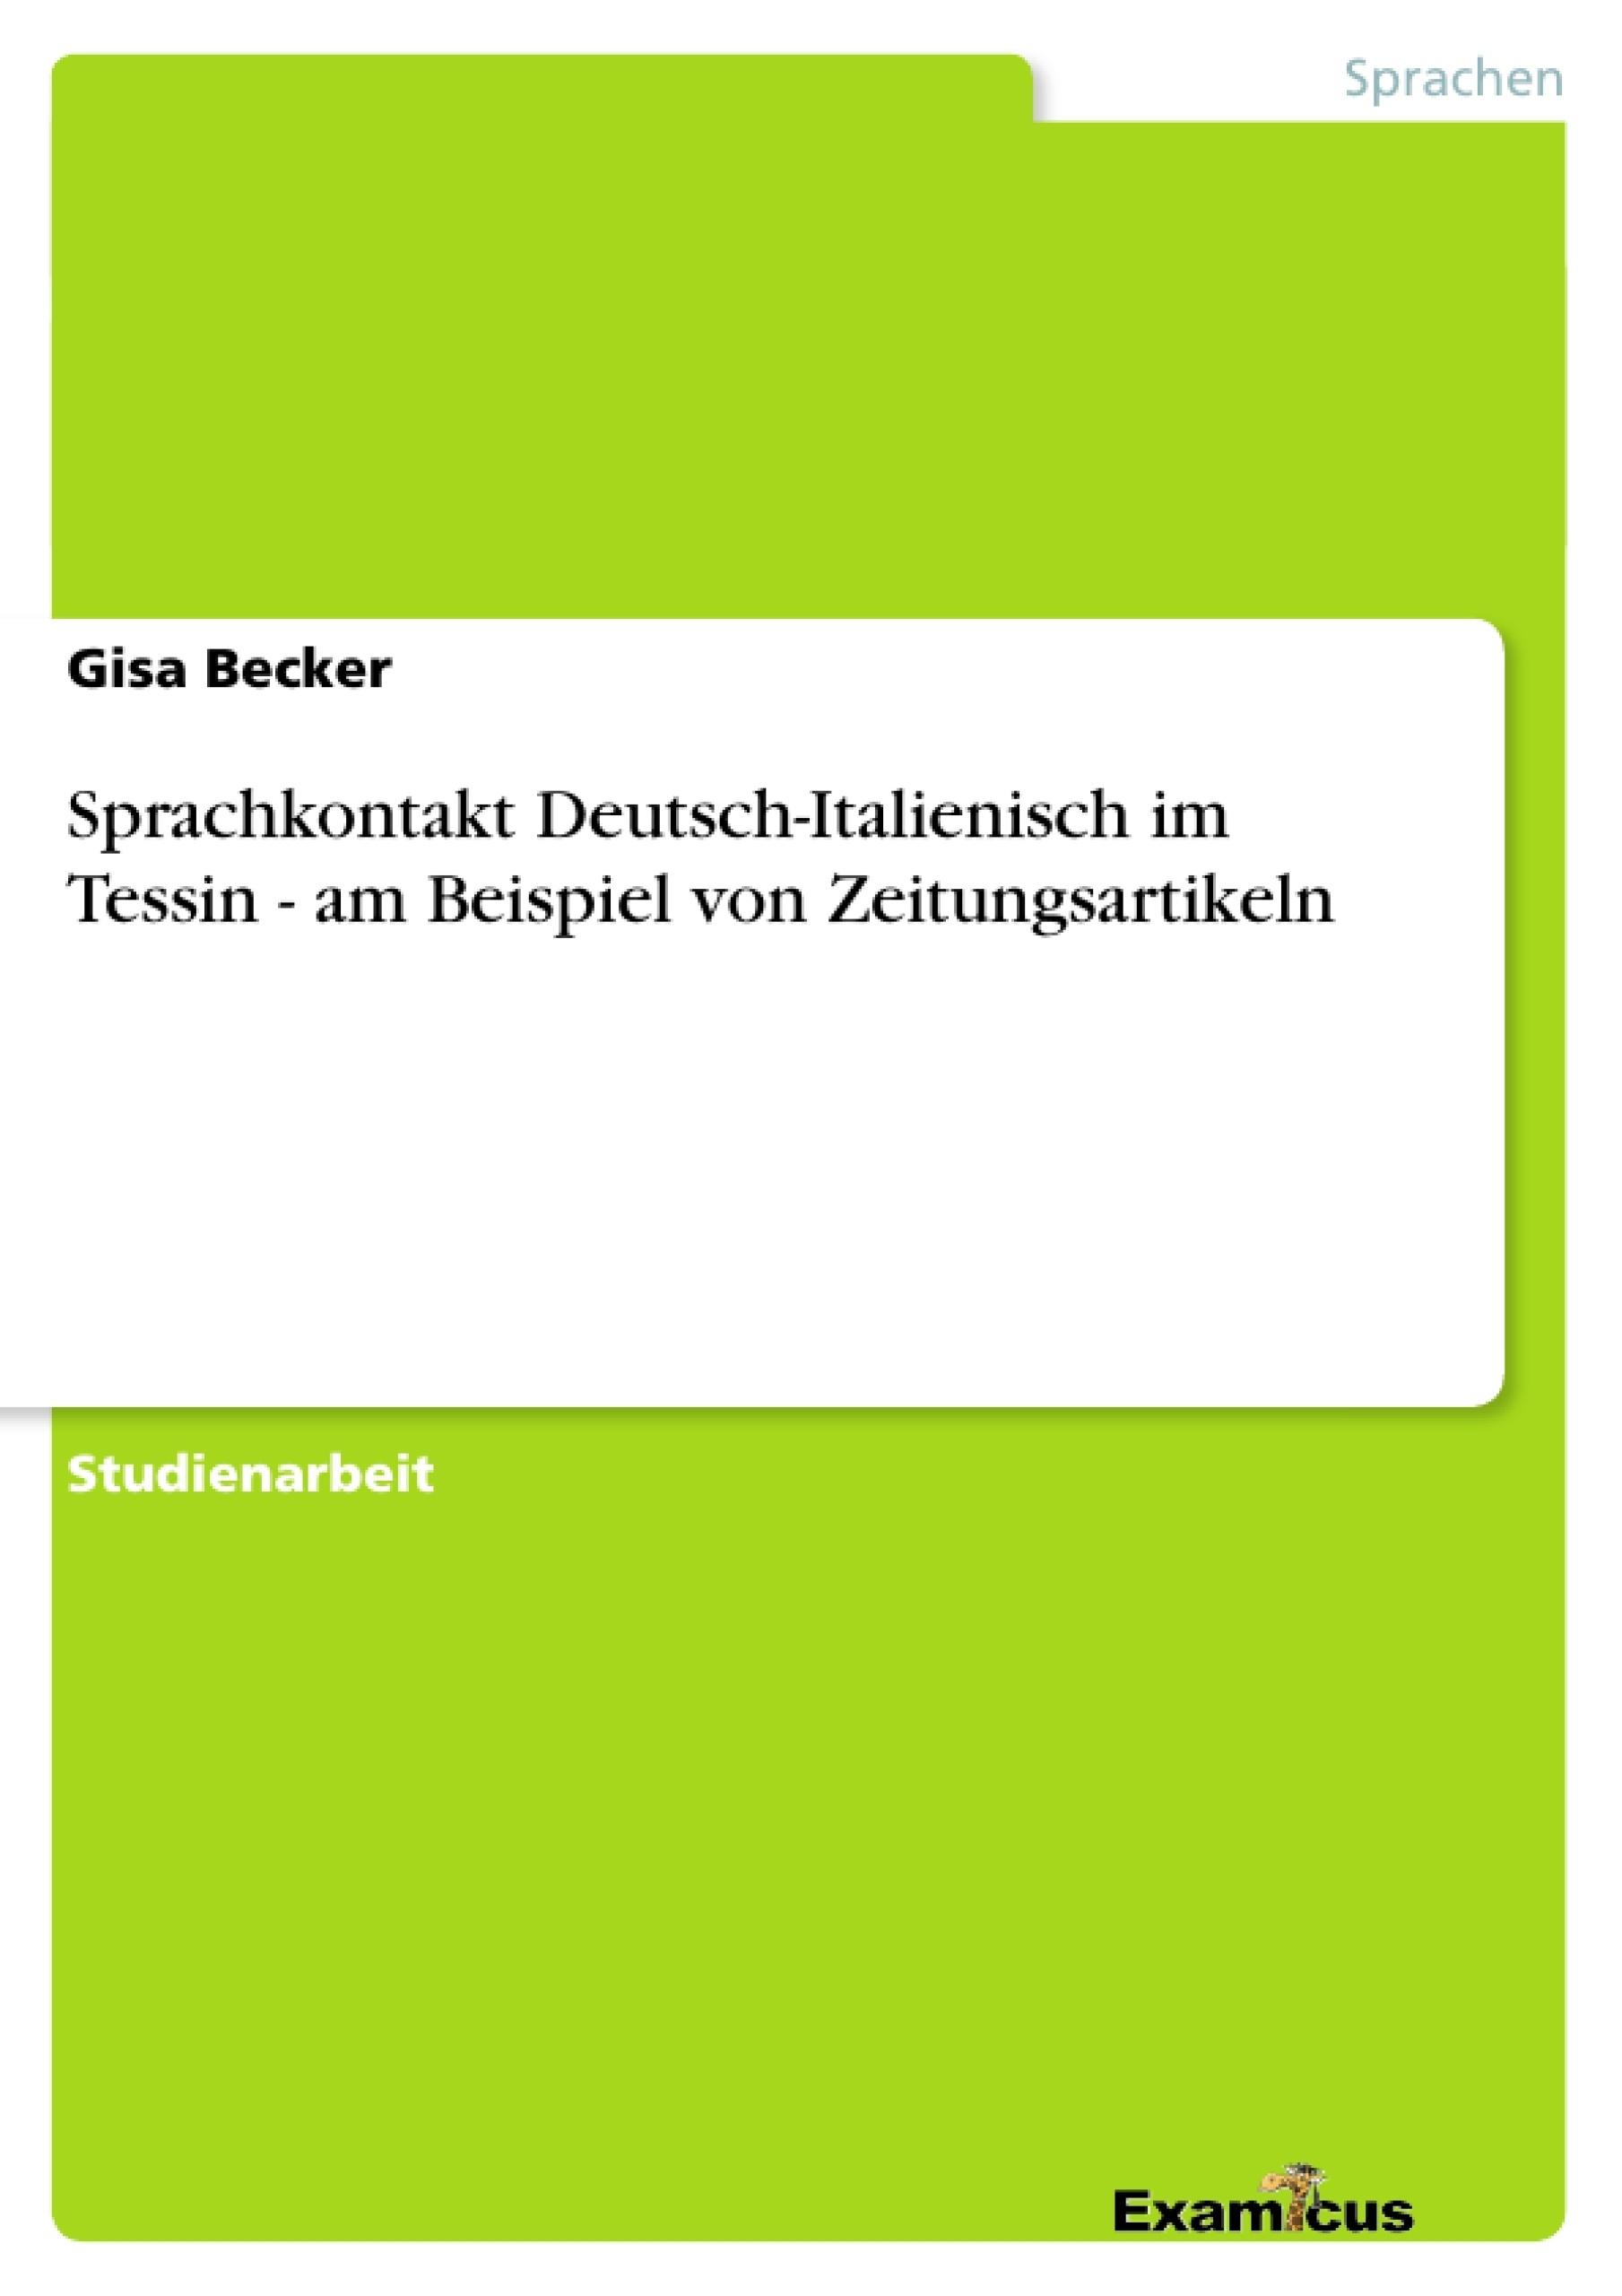 Titel: Sprachkontakt Deutsch-Italienisch im Tessin - am Beispiel von Zeitungsartikeln